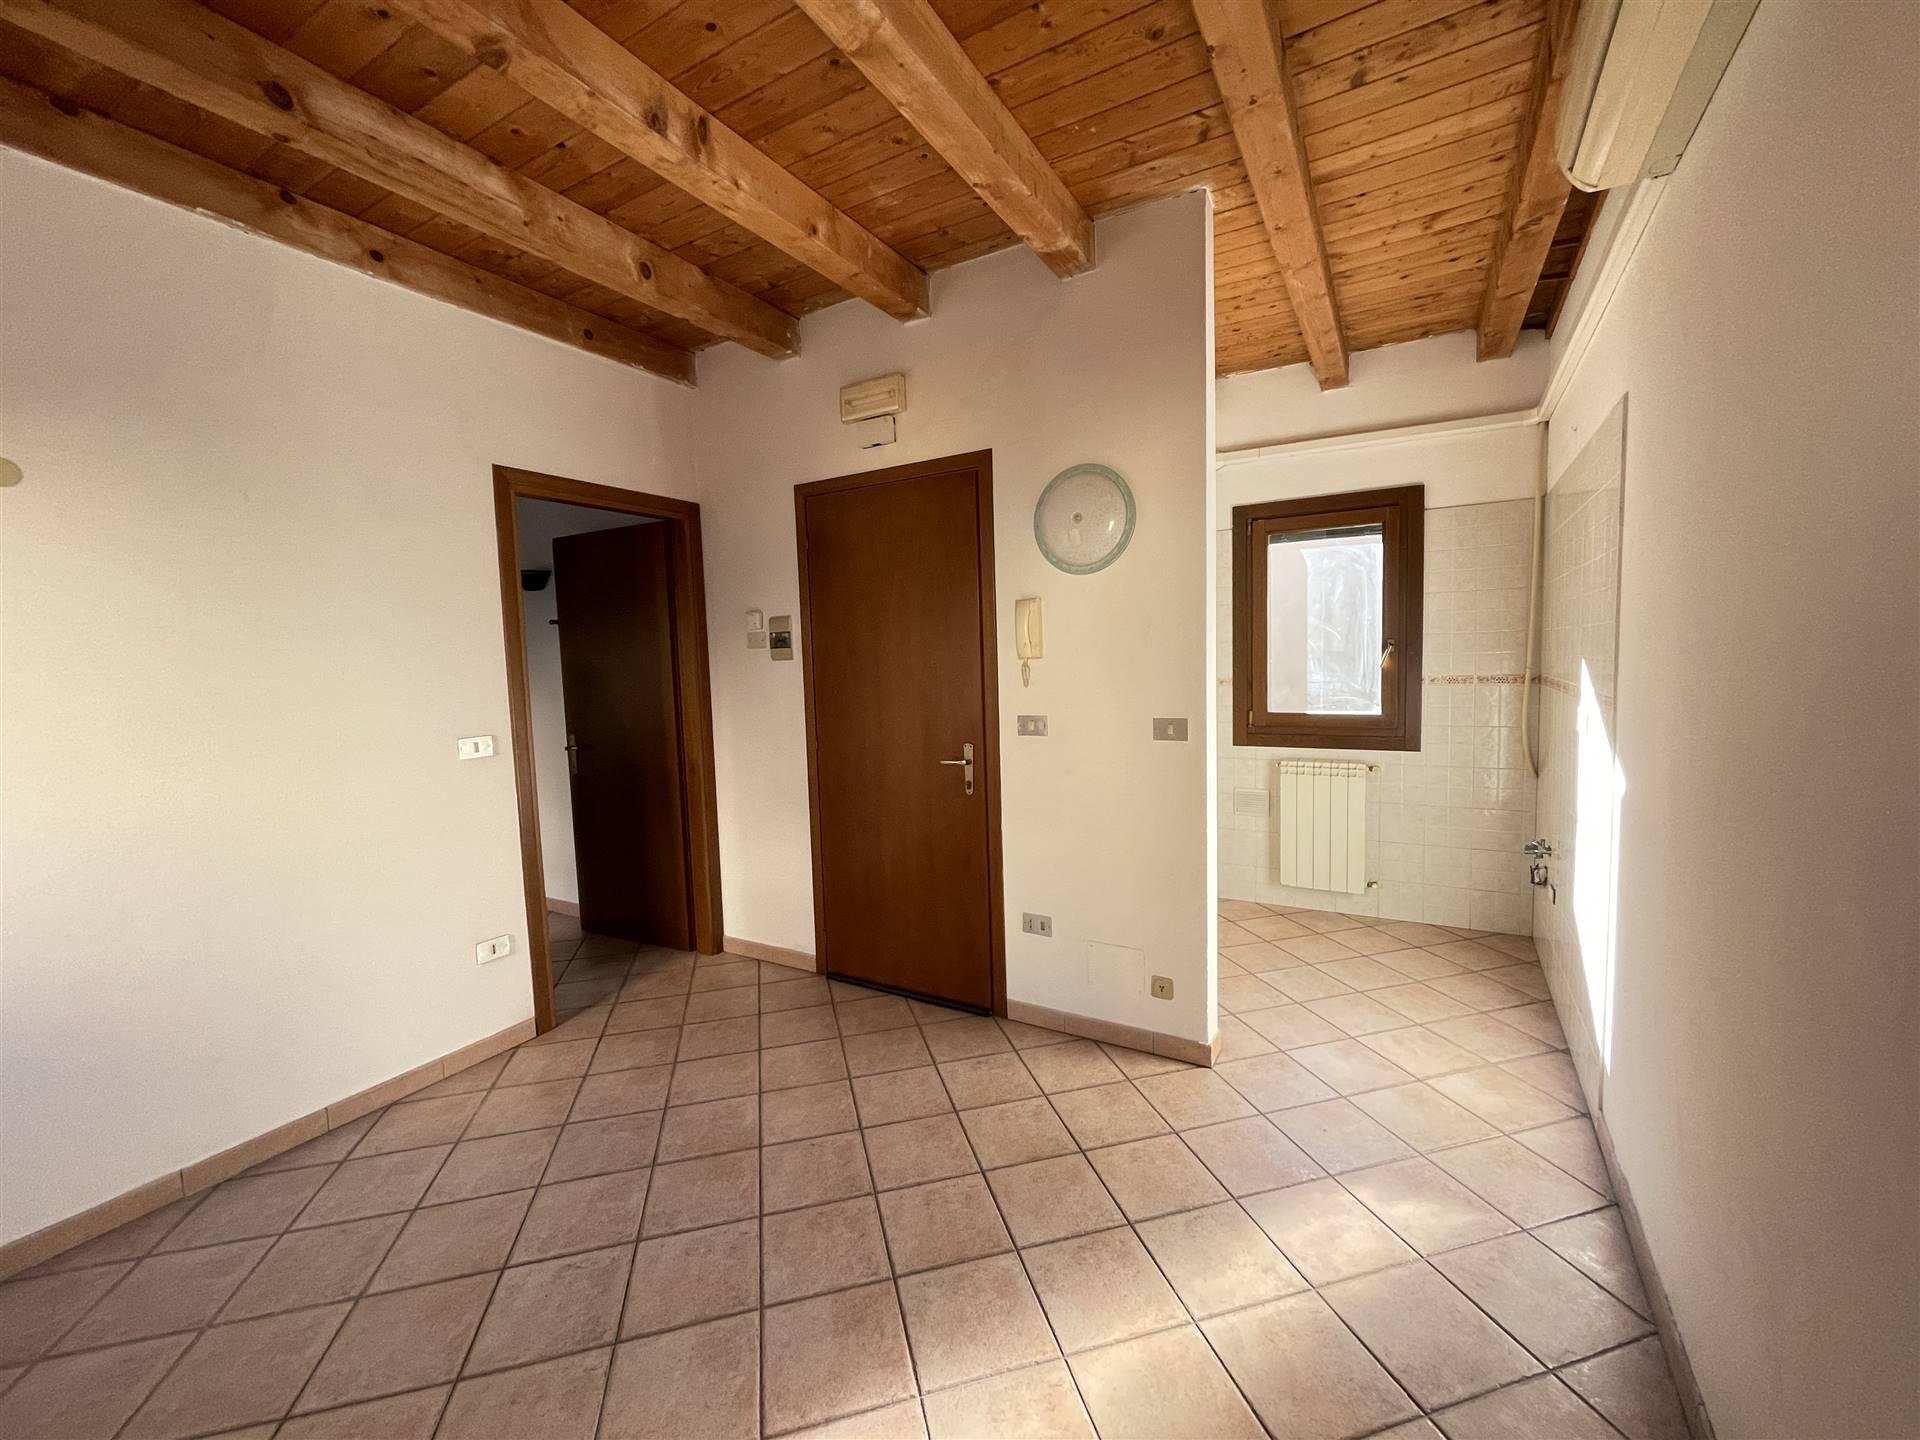 Rif. 3054A CHIOGGIA CENTRO STORICO - Appartamento in affitto a Chioggia, al secondo piano di una palazzina di 4 unità abitative, appartamento di